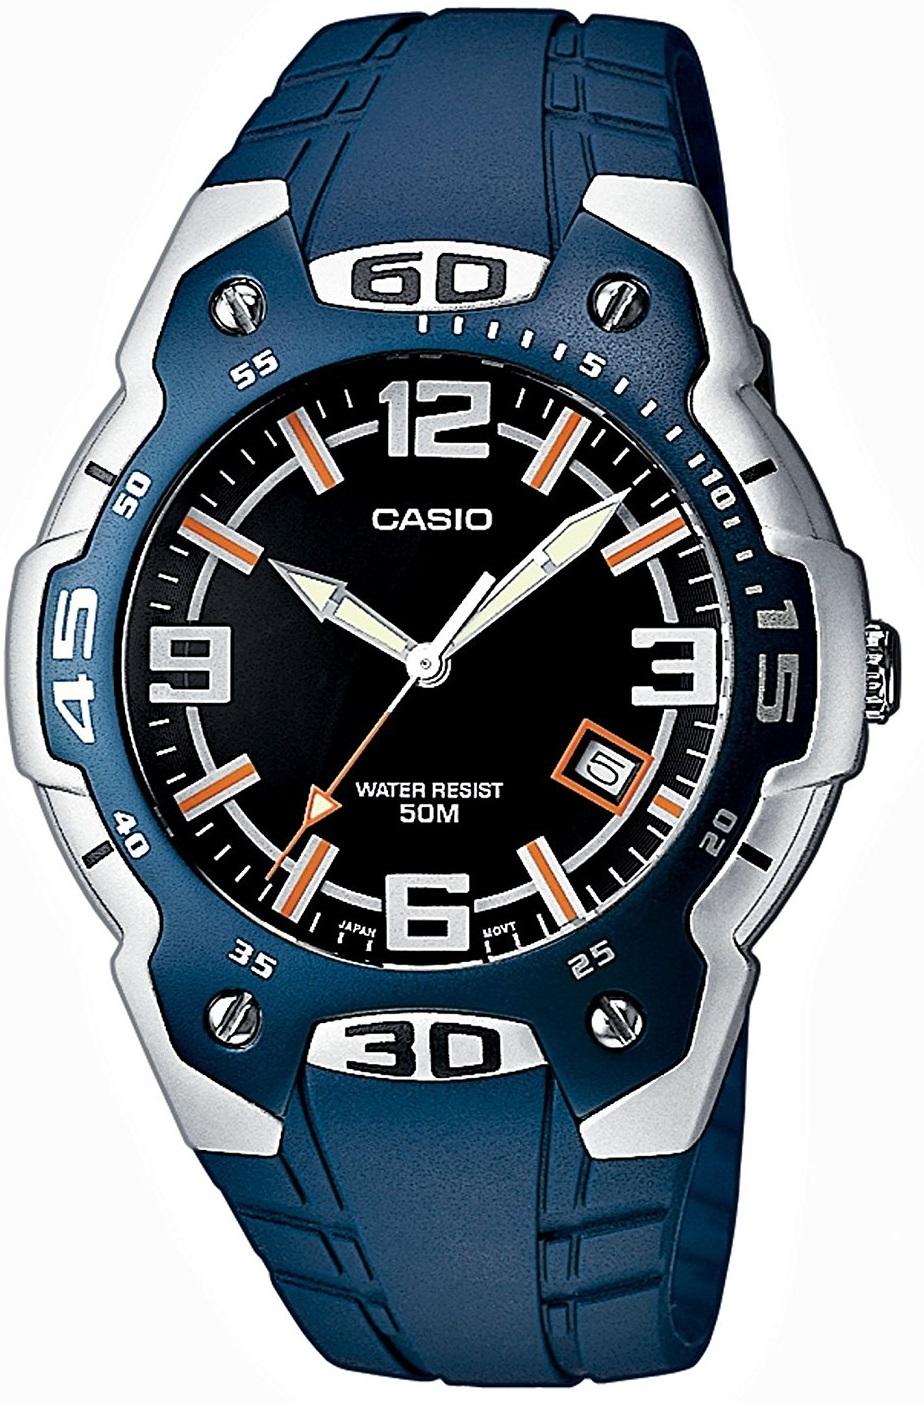 Мужские часы Casio Standard MTR-102-1A2VEF